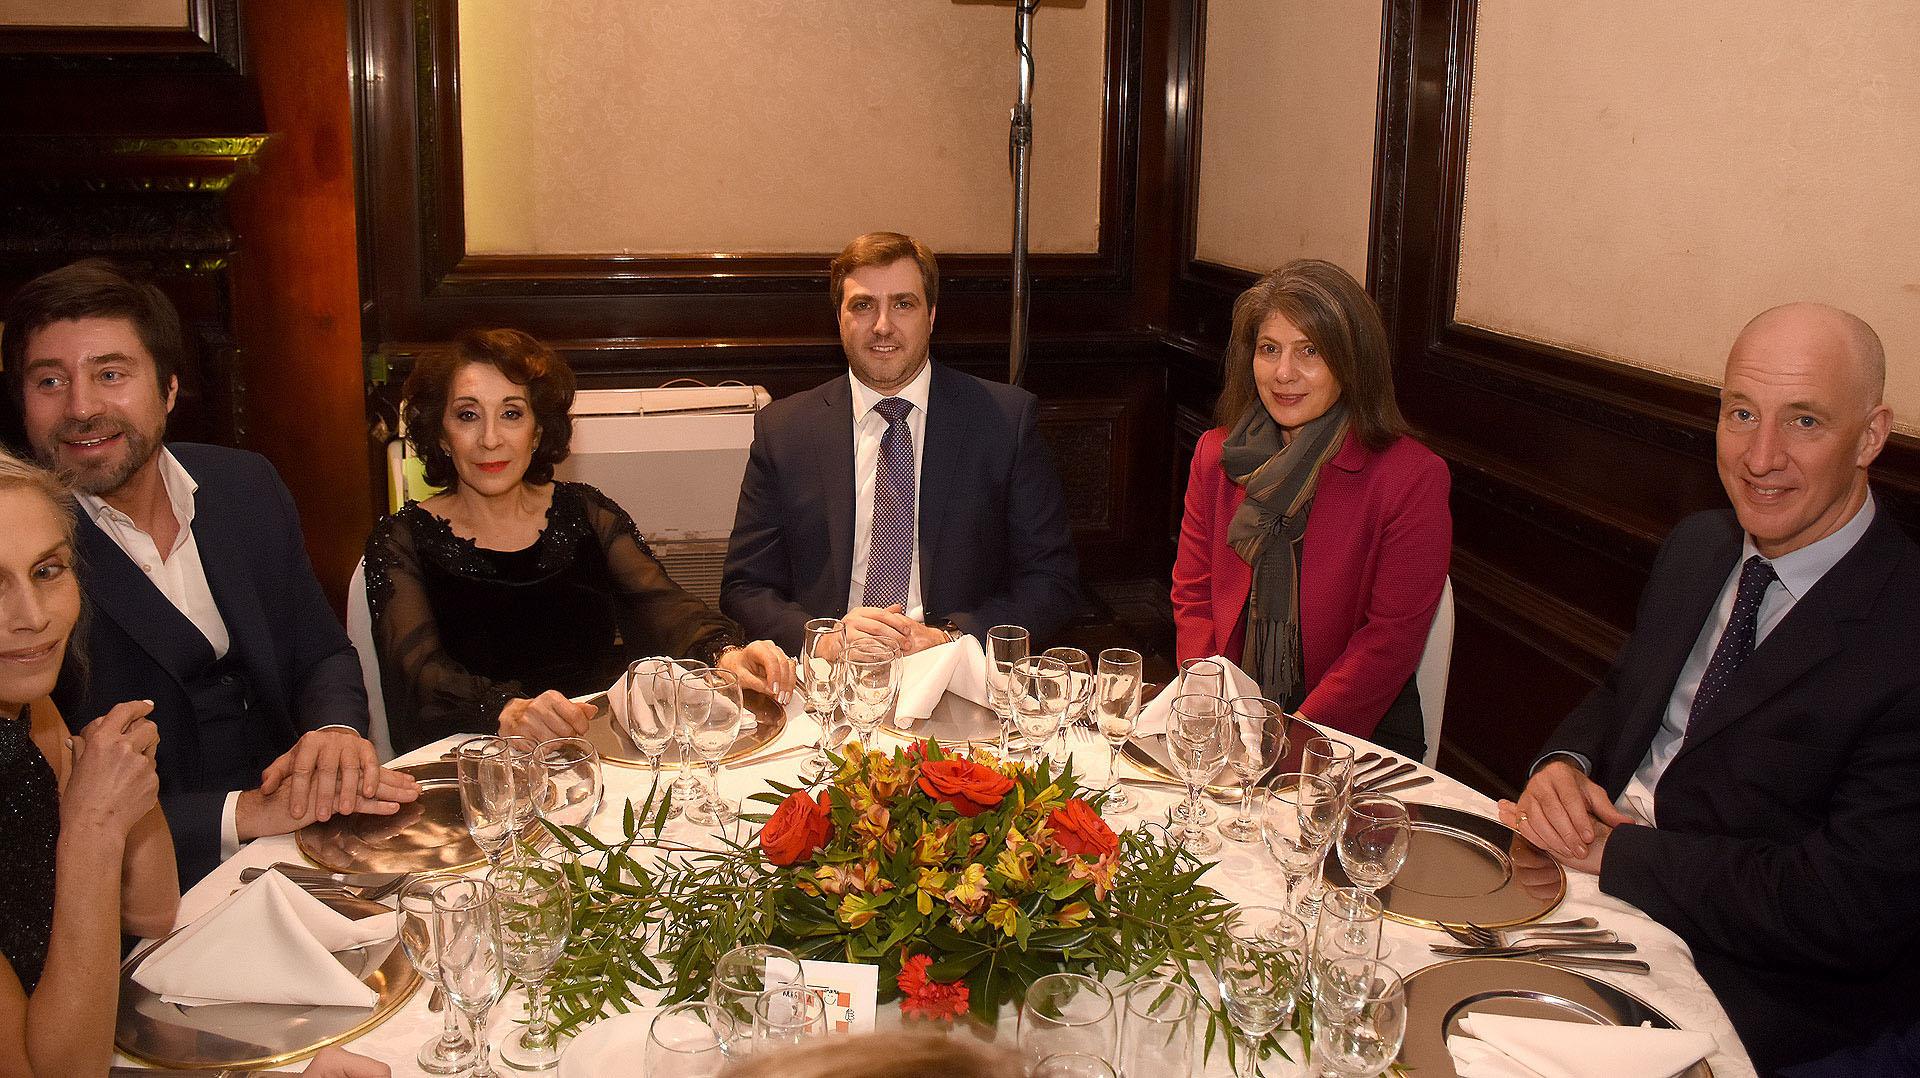 De izquierda a derecha: Walter Ramírez Moyano, Graciela Pérez Lastra, Steven Wainer, Martine Delogne y el embajador Mark Kent